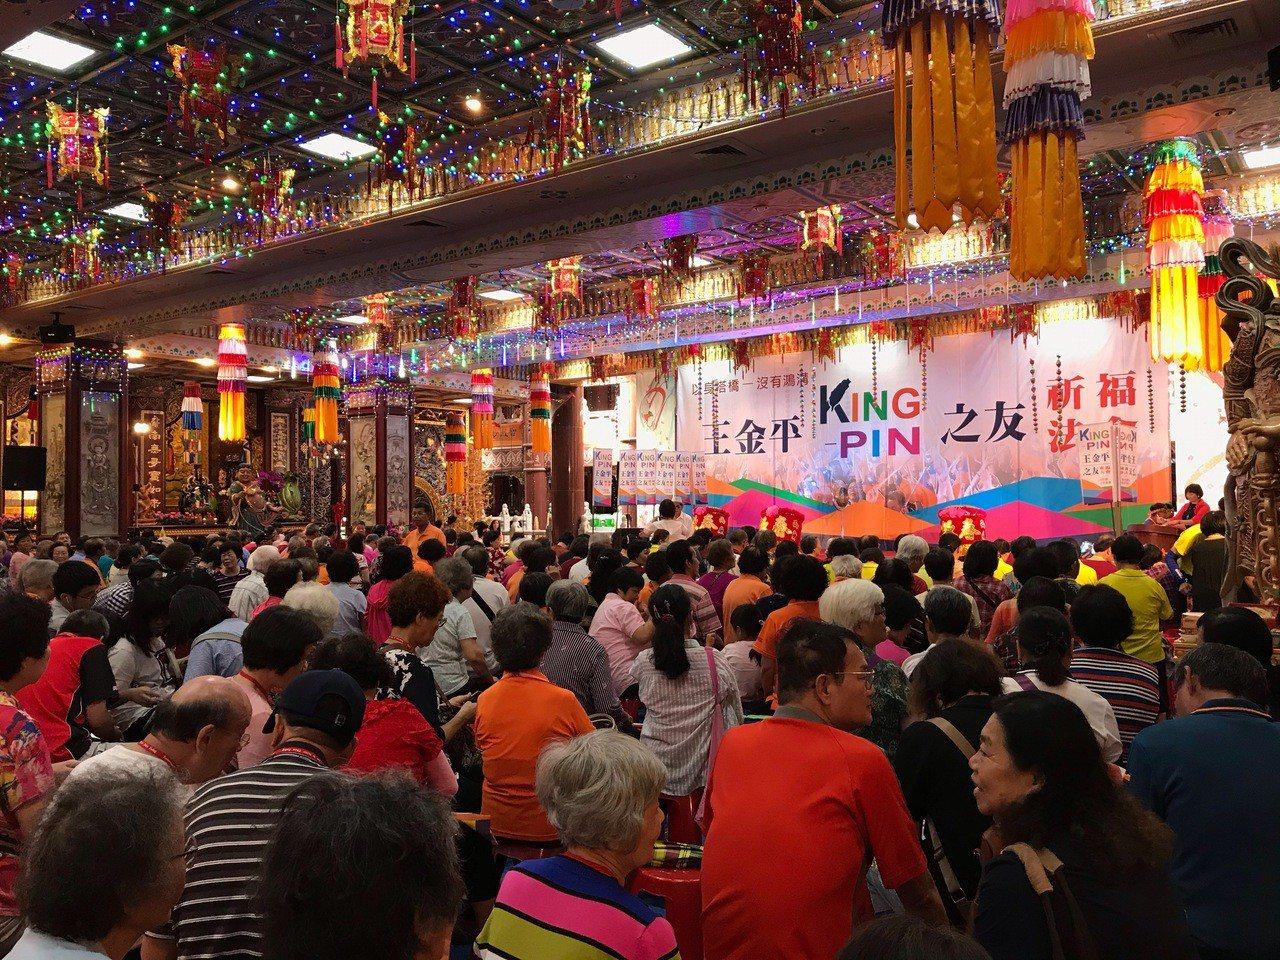 立委王金平祈福法會聚集各地挺王群眾,場面盛大。記者徐白櫻/攝影